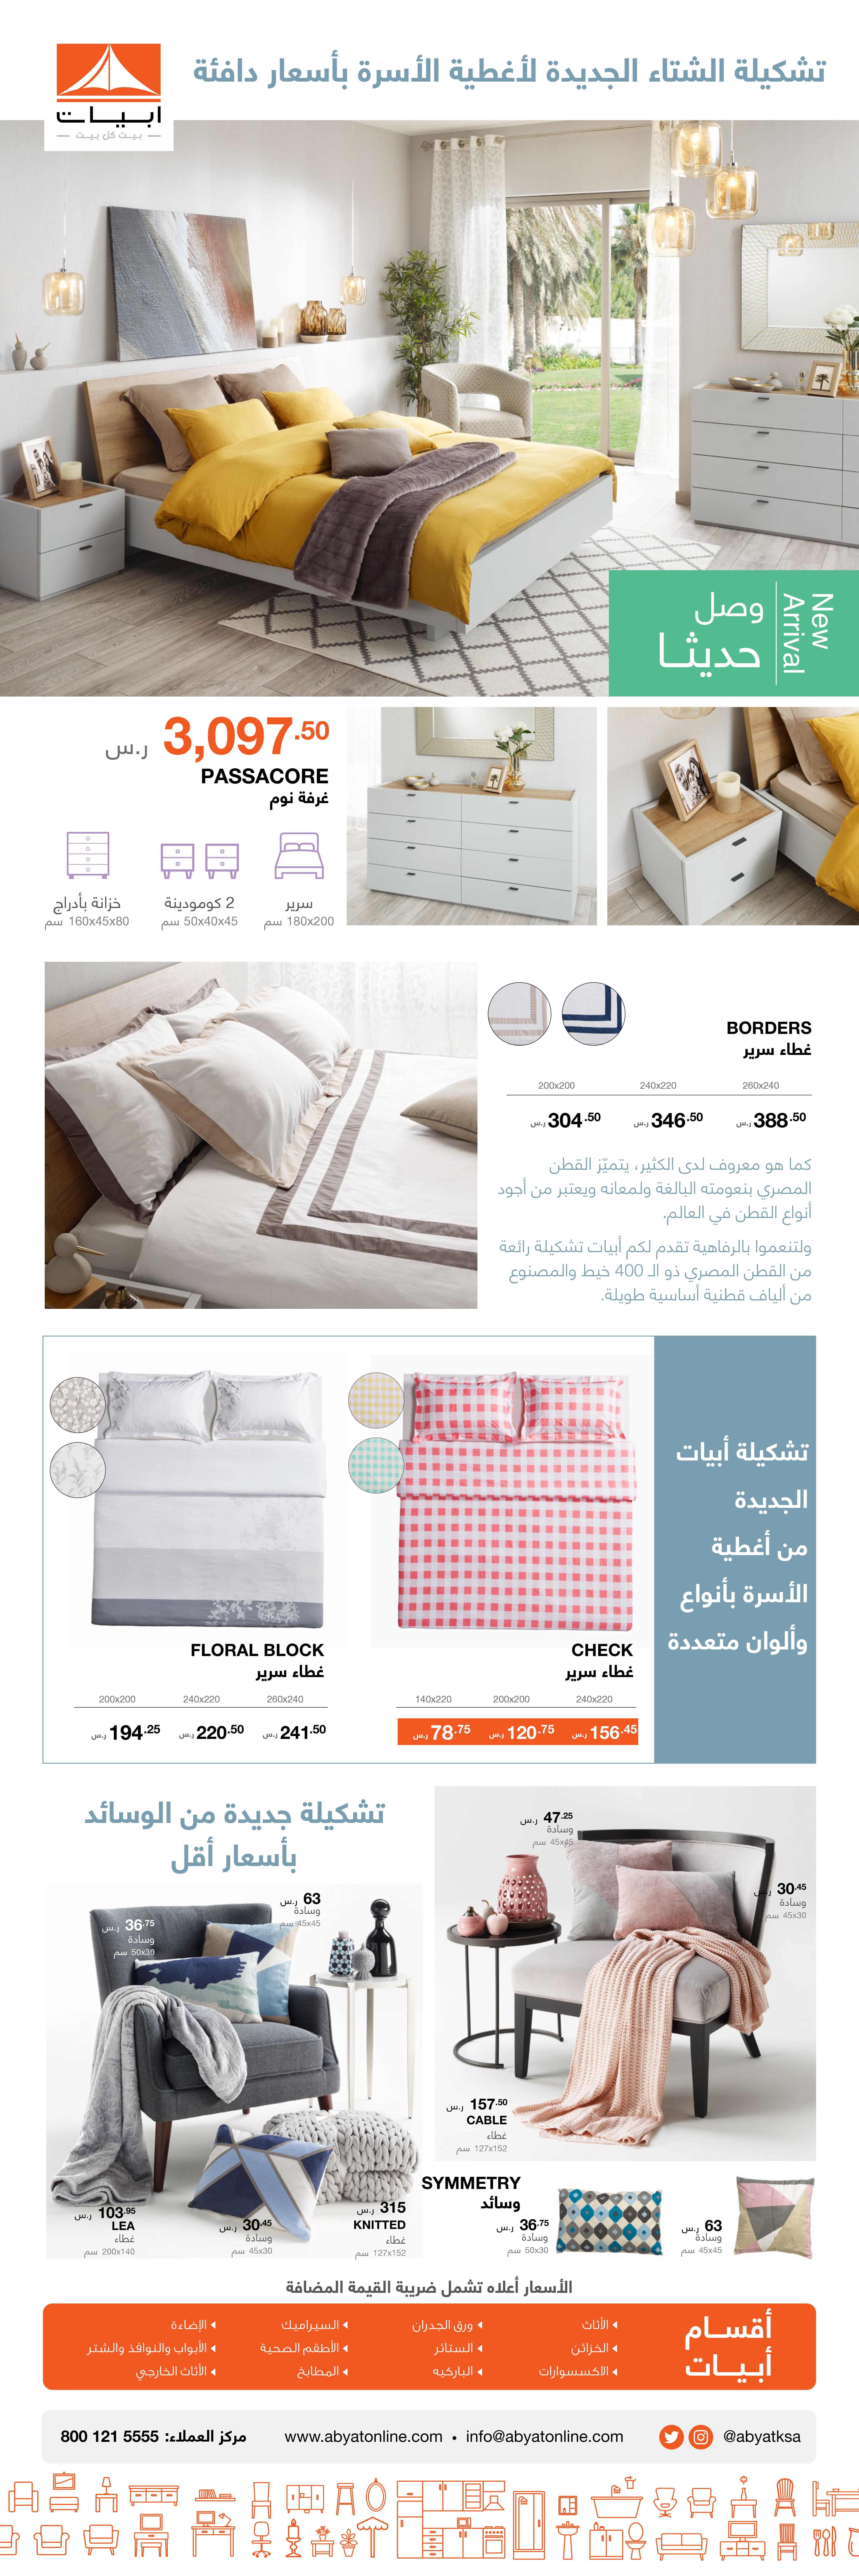 تشكيلة الشتاء الجديدة لأغطية الأسرة بأسعار دافئة